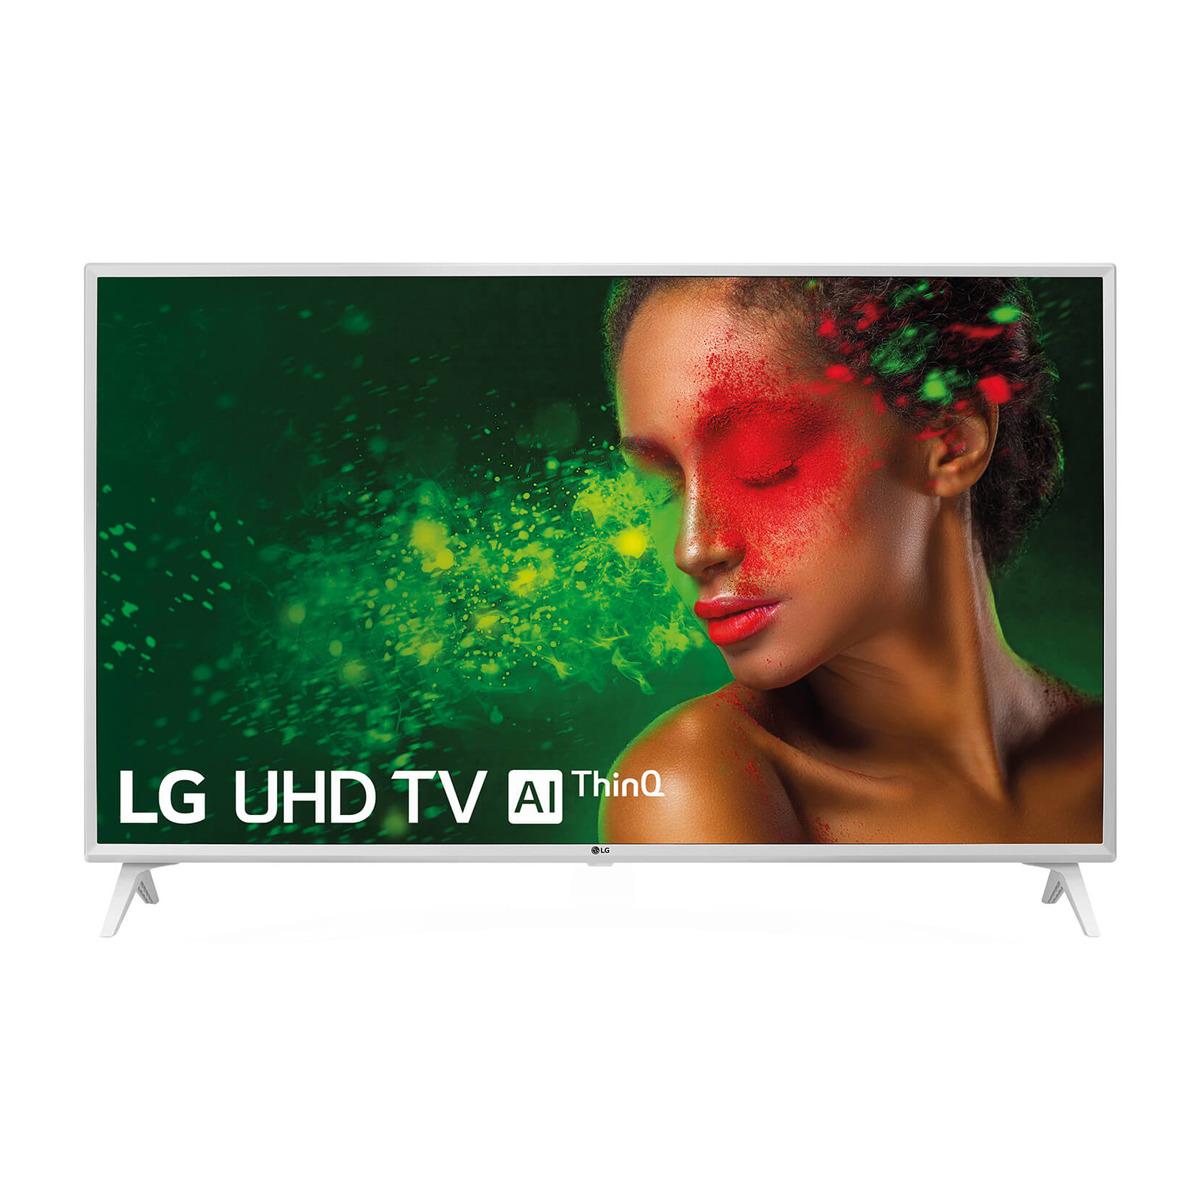 """TV LED 123 cm (49"""") LG 49UM7390 4K HDR Smart TV con Inteligencia Artificial (IA)"""